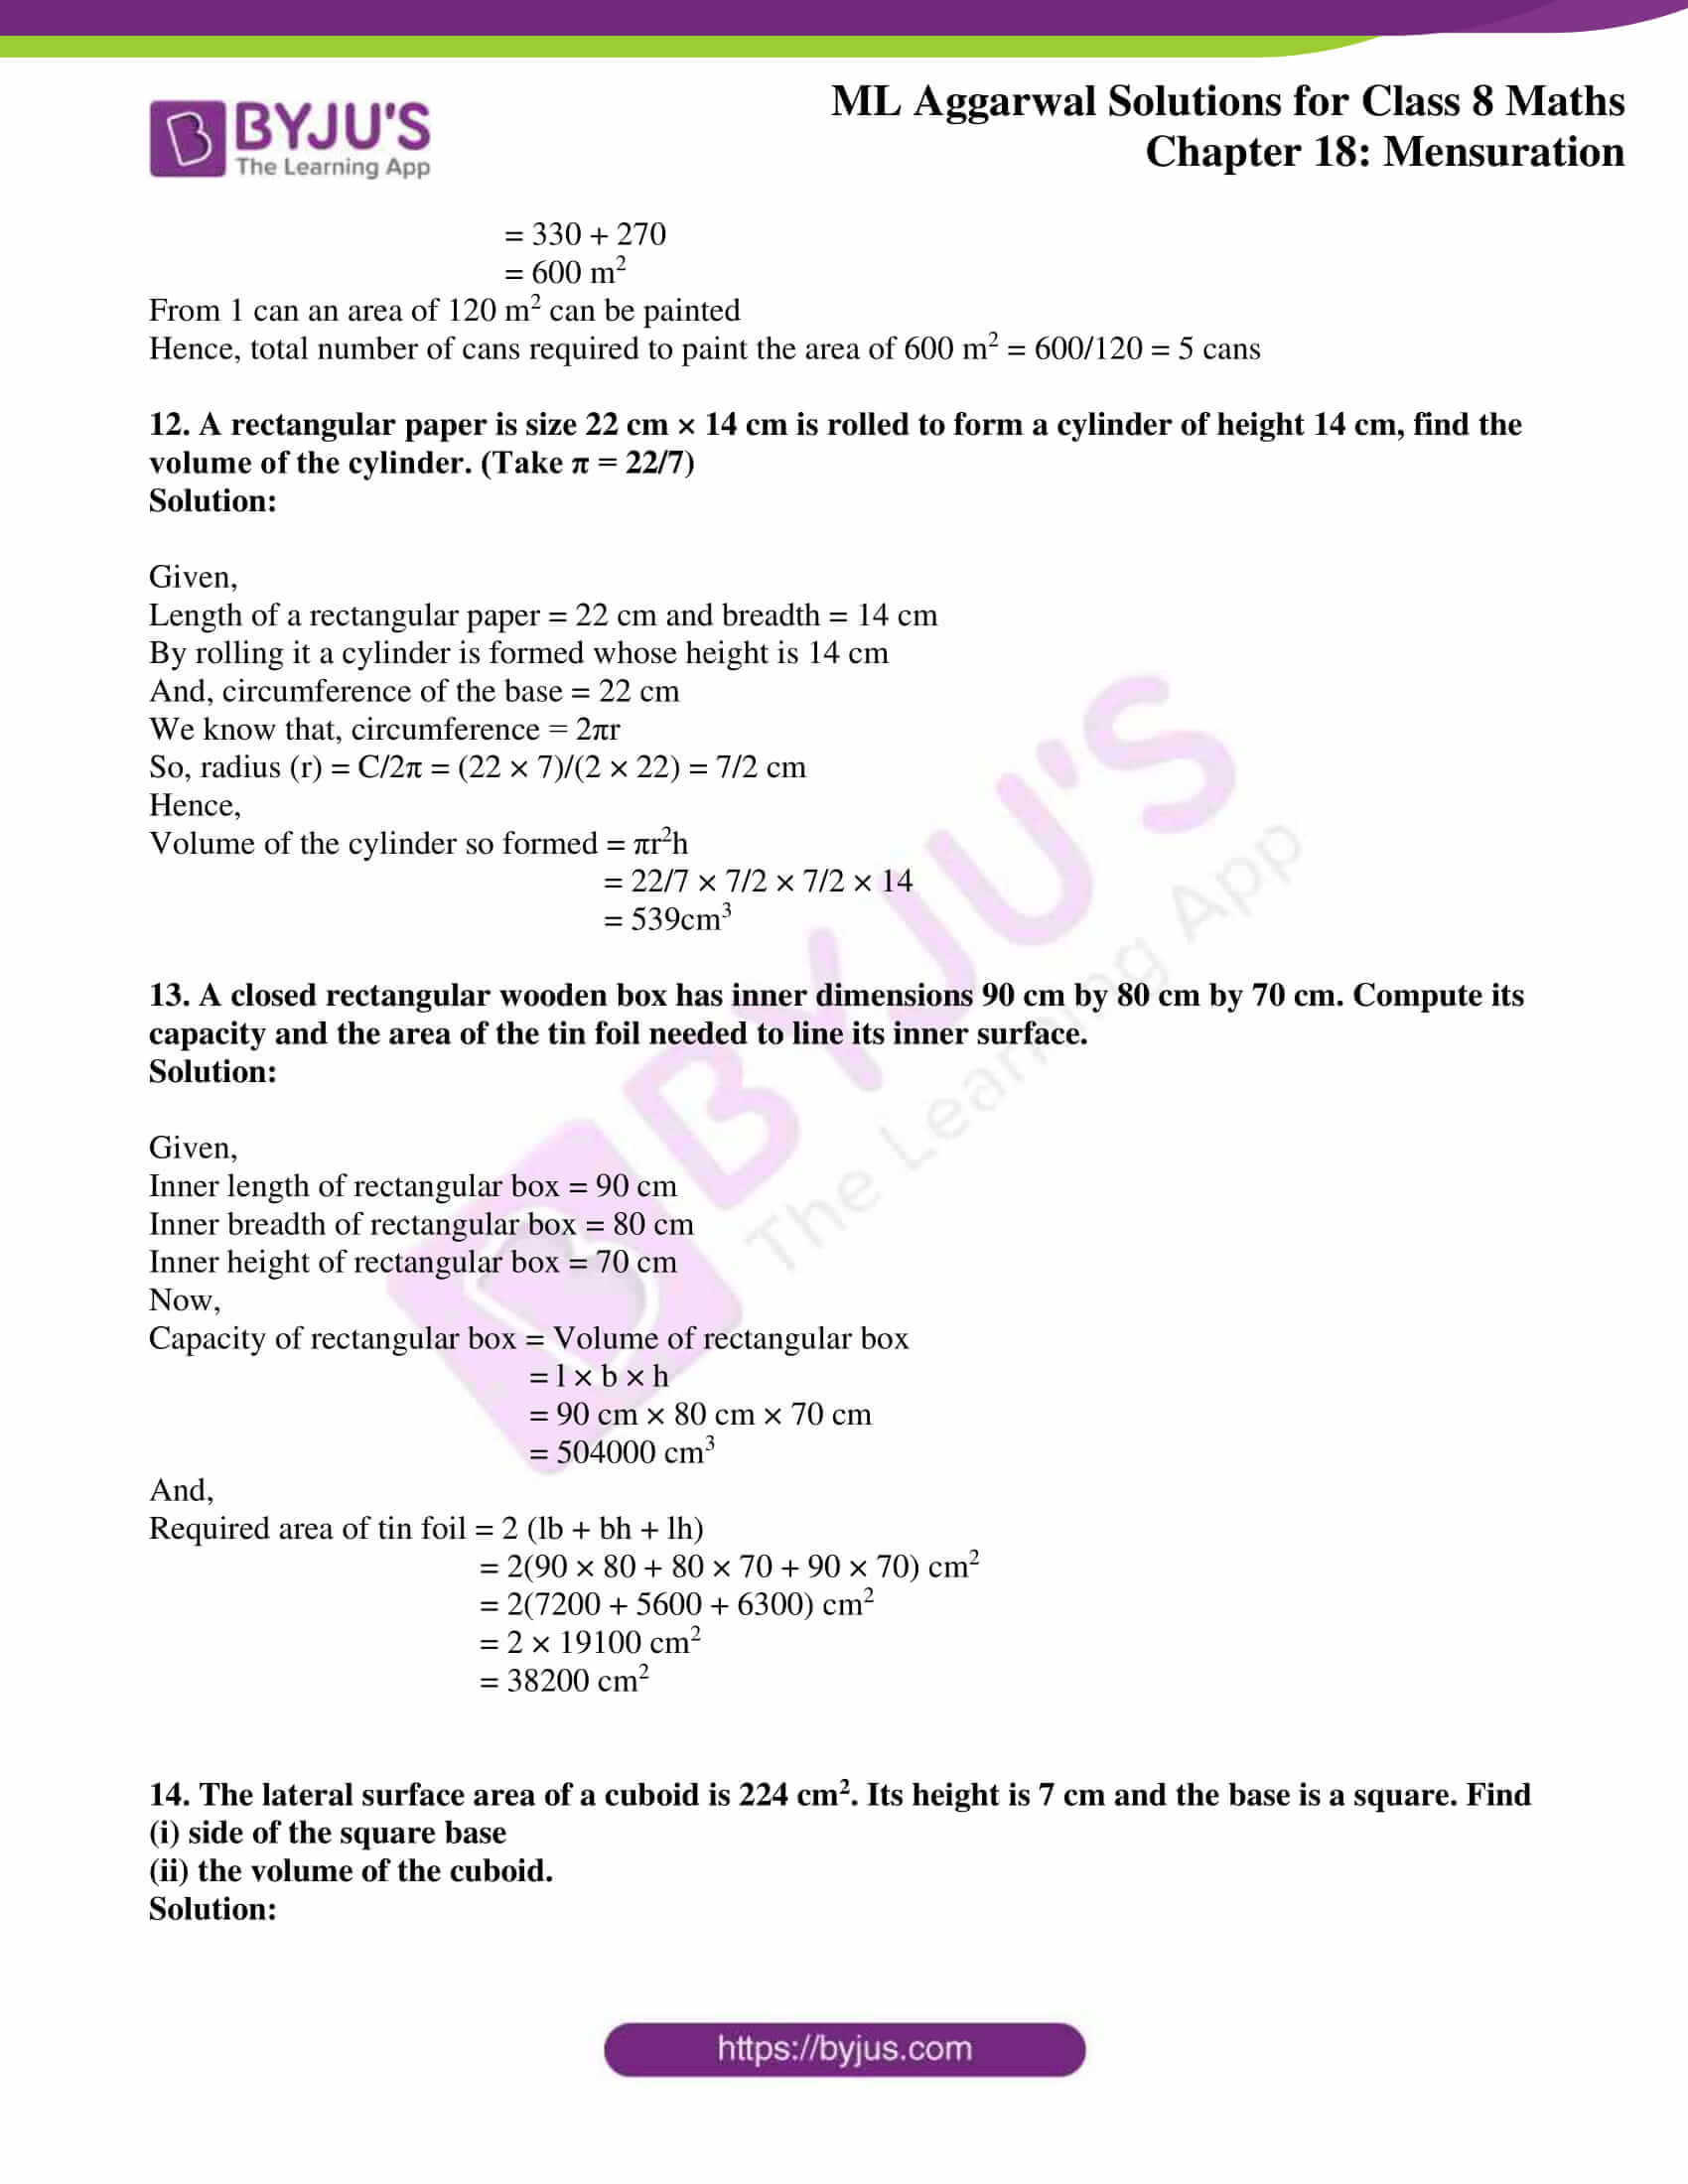 ml aggarwal sol mathematics class 8 ch 18 41